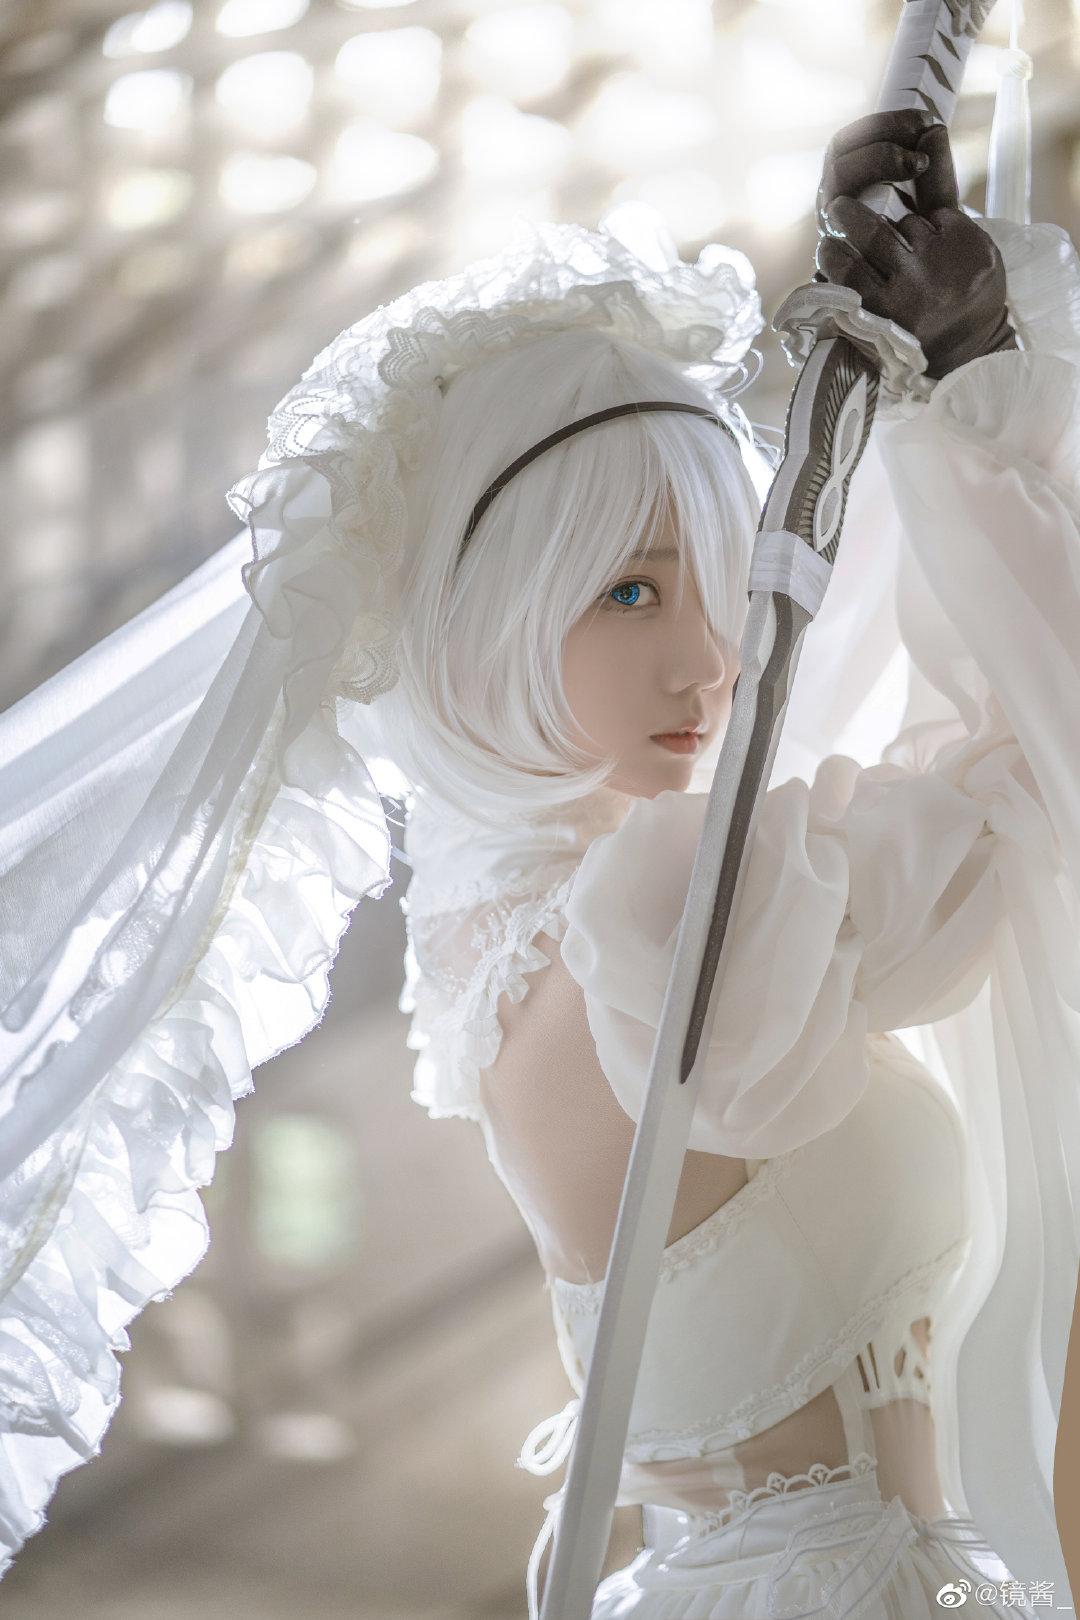 [COS]镜酱 #尼尔:机械纪元#2b白色婚纱 COSPLAY-第10张